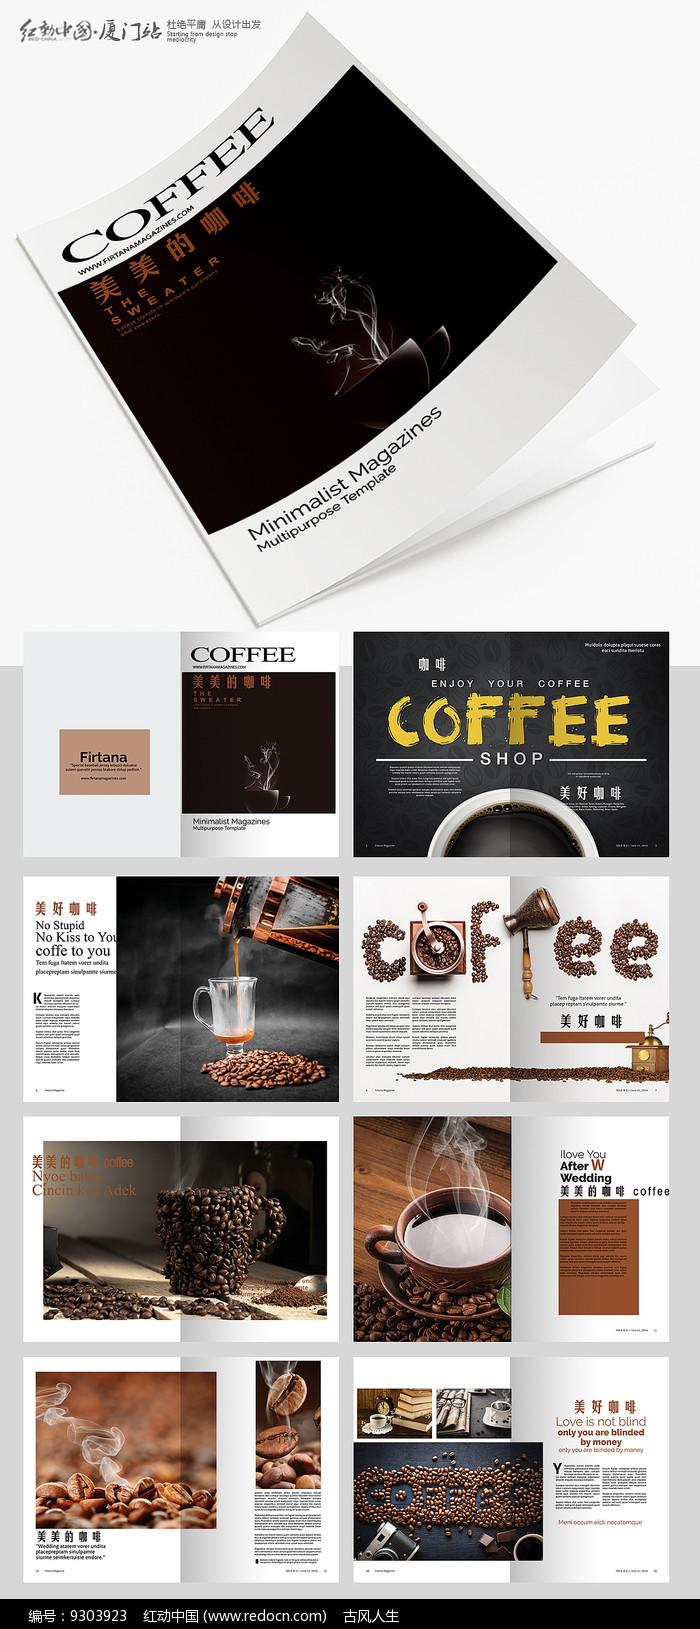 高档咖啡馆画册设计图片